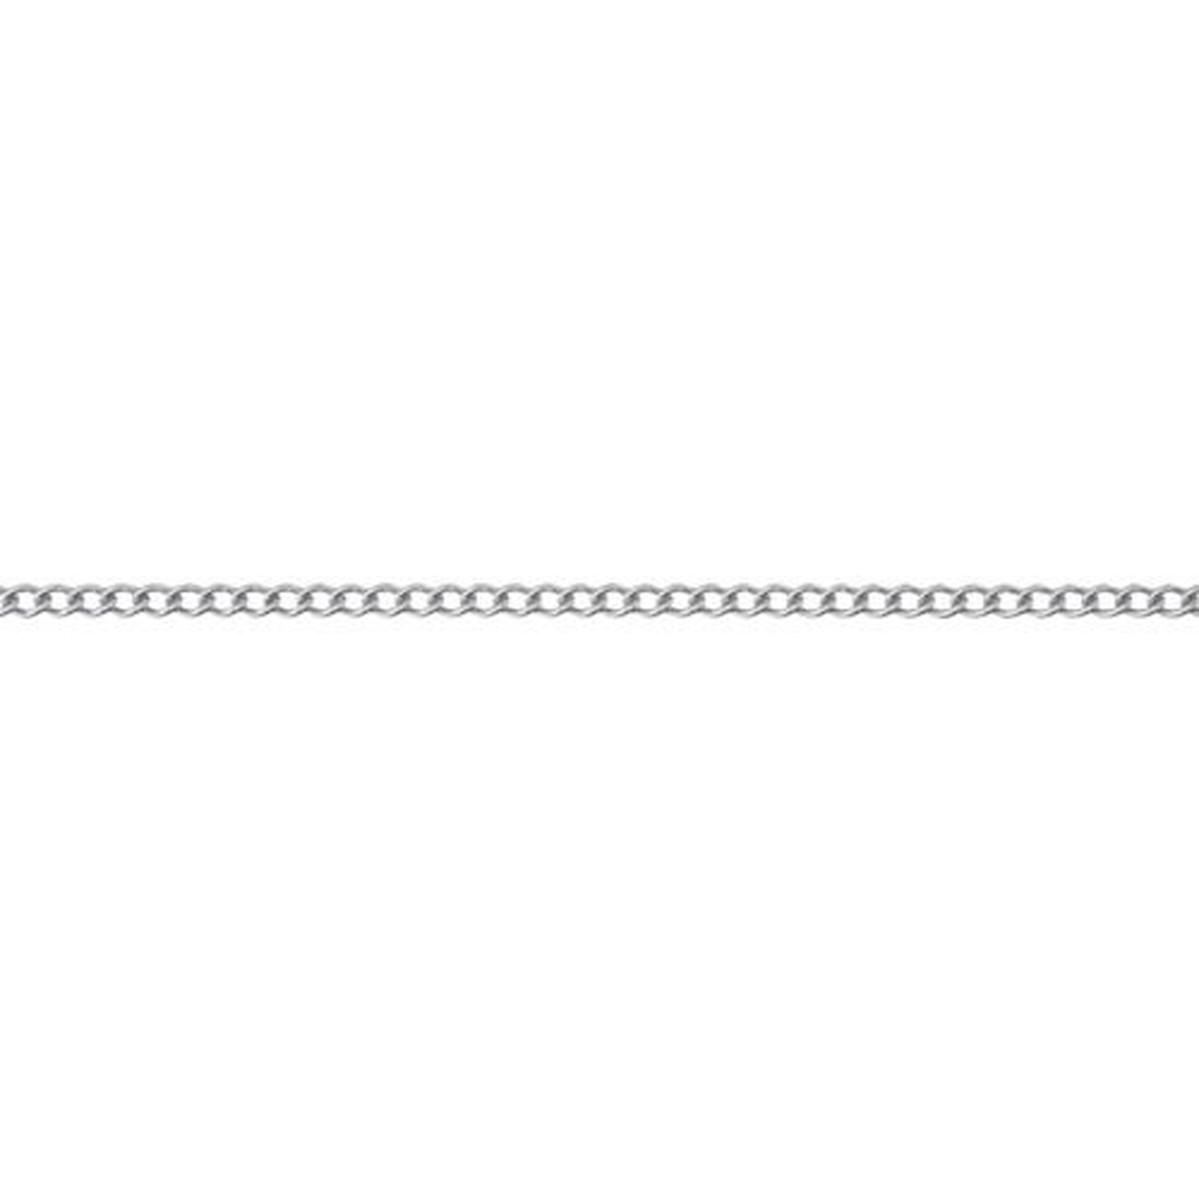 殿堂 ニッサチェイン ステンレスマンテルチェイン ニッサチェイン 1.6mm×30m ステンレスマンテルチェイン 1本, クサツシ:ccdebe0b --- promotime.lt